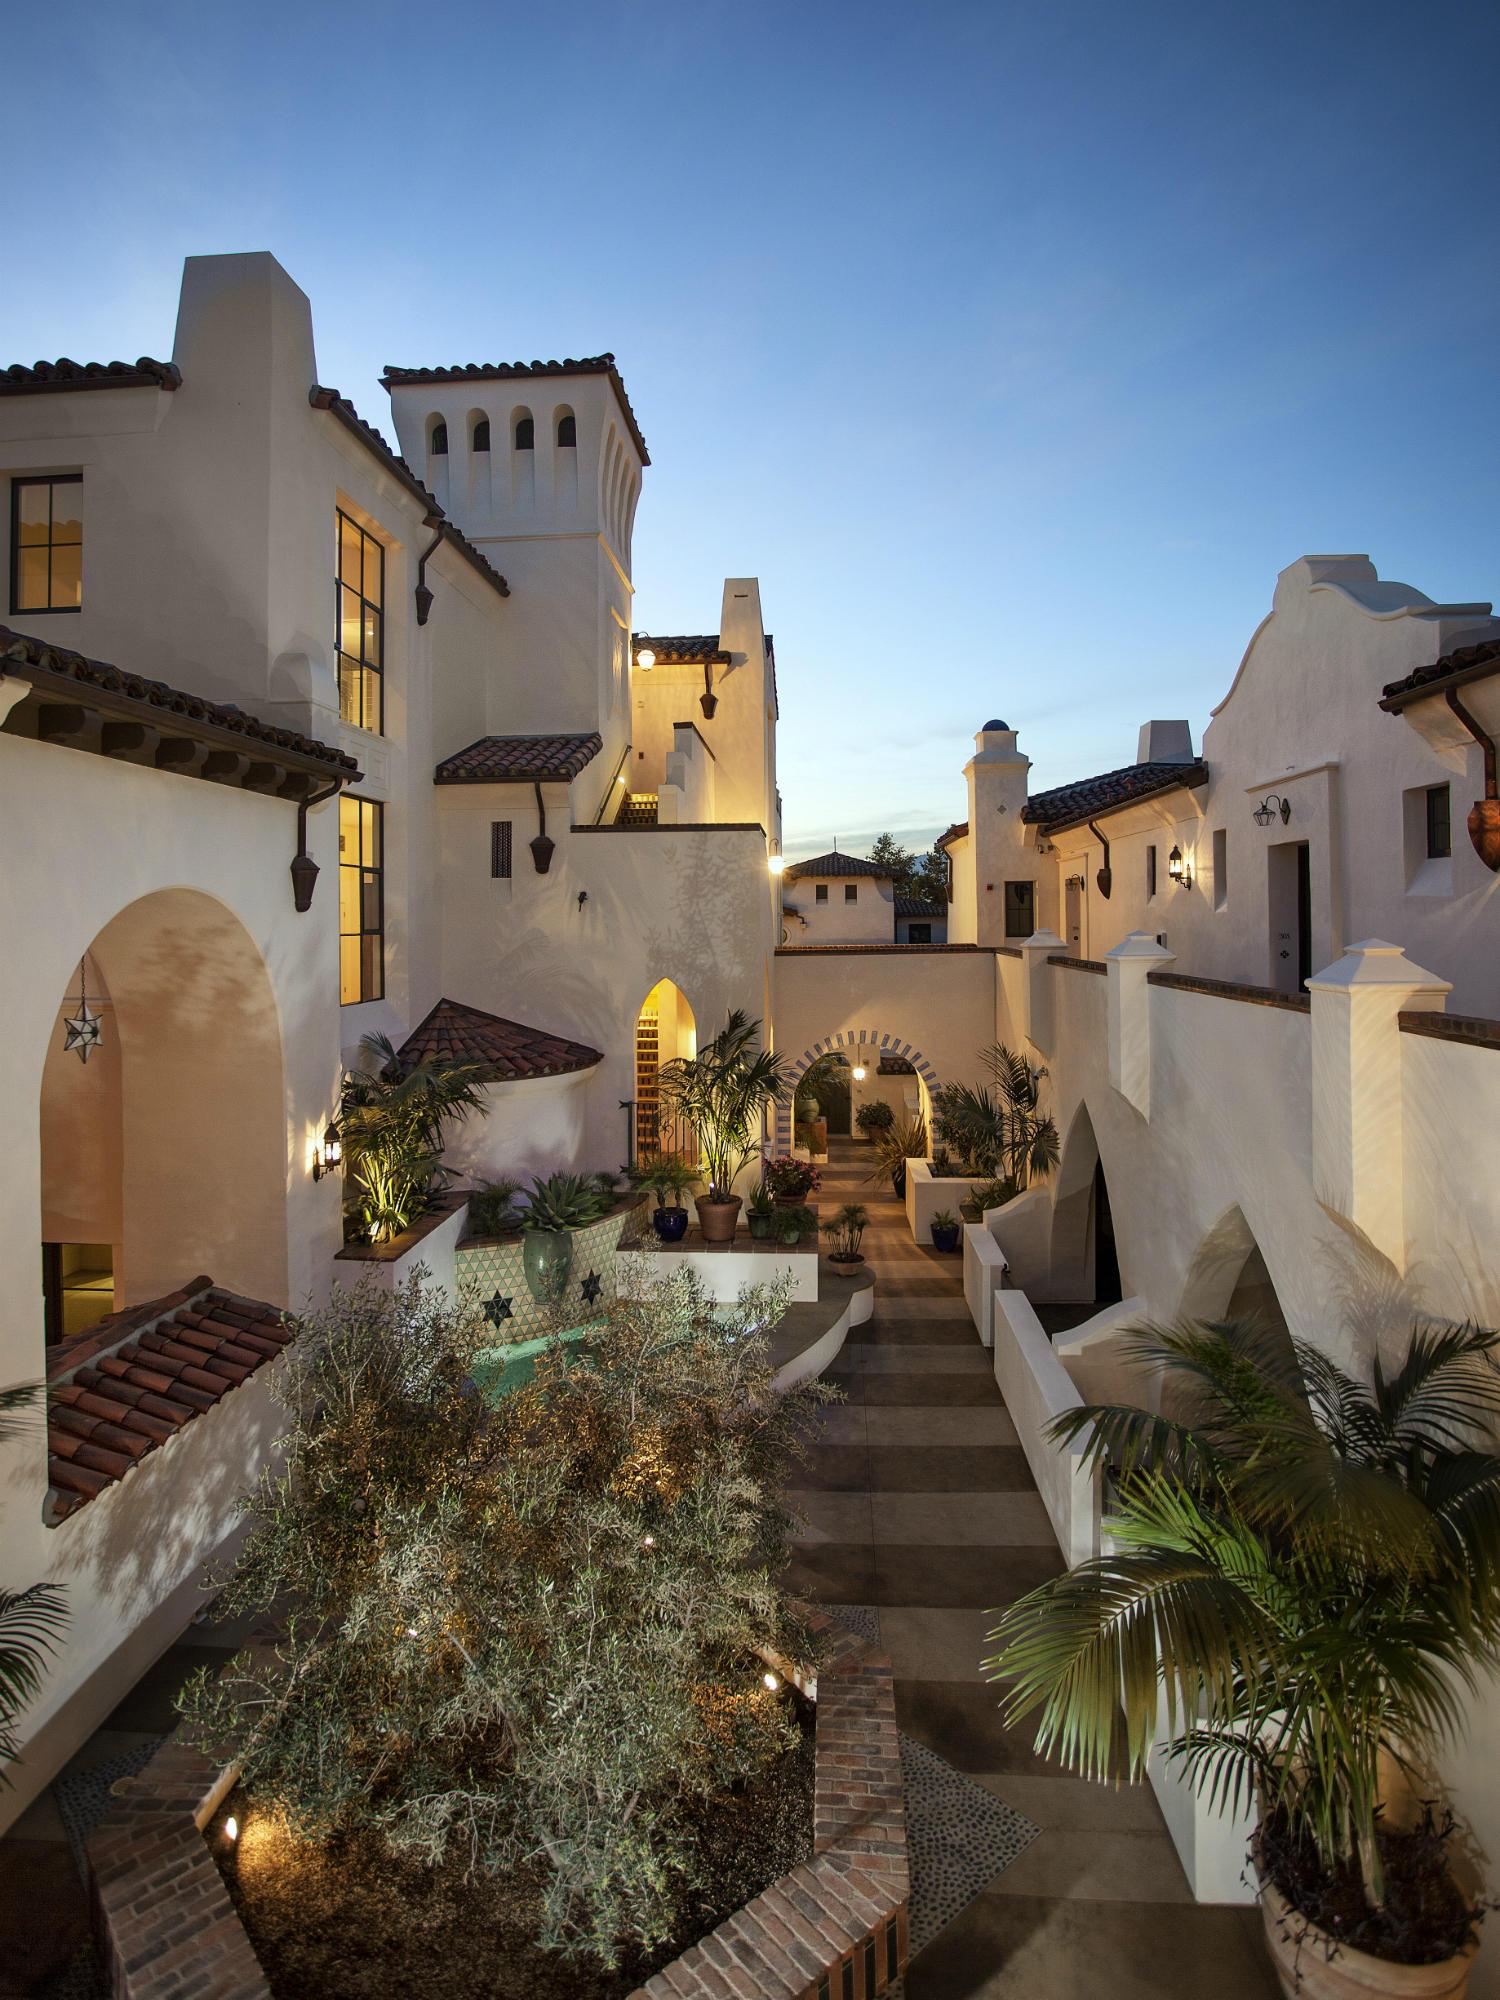 Property photo for 401 Chapala St #308 Santa Barbara, California 93101 - 13-3367